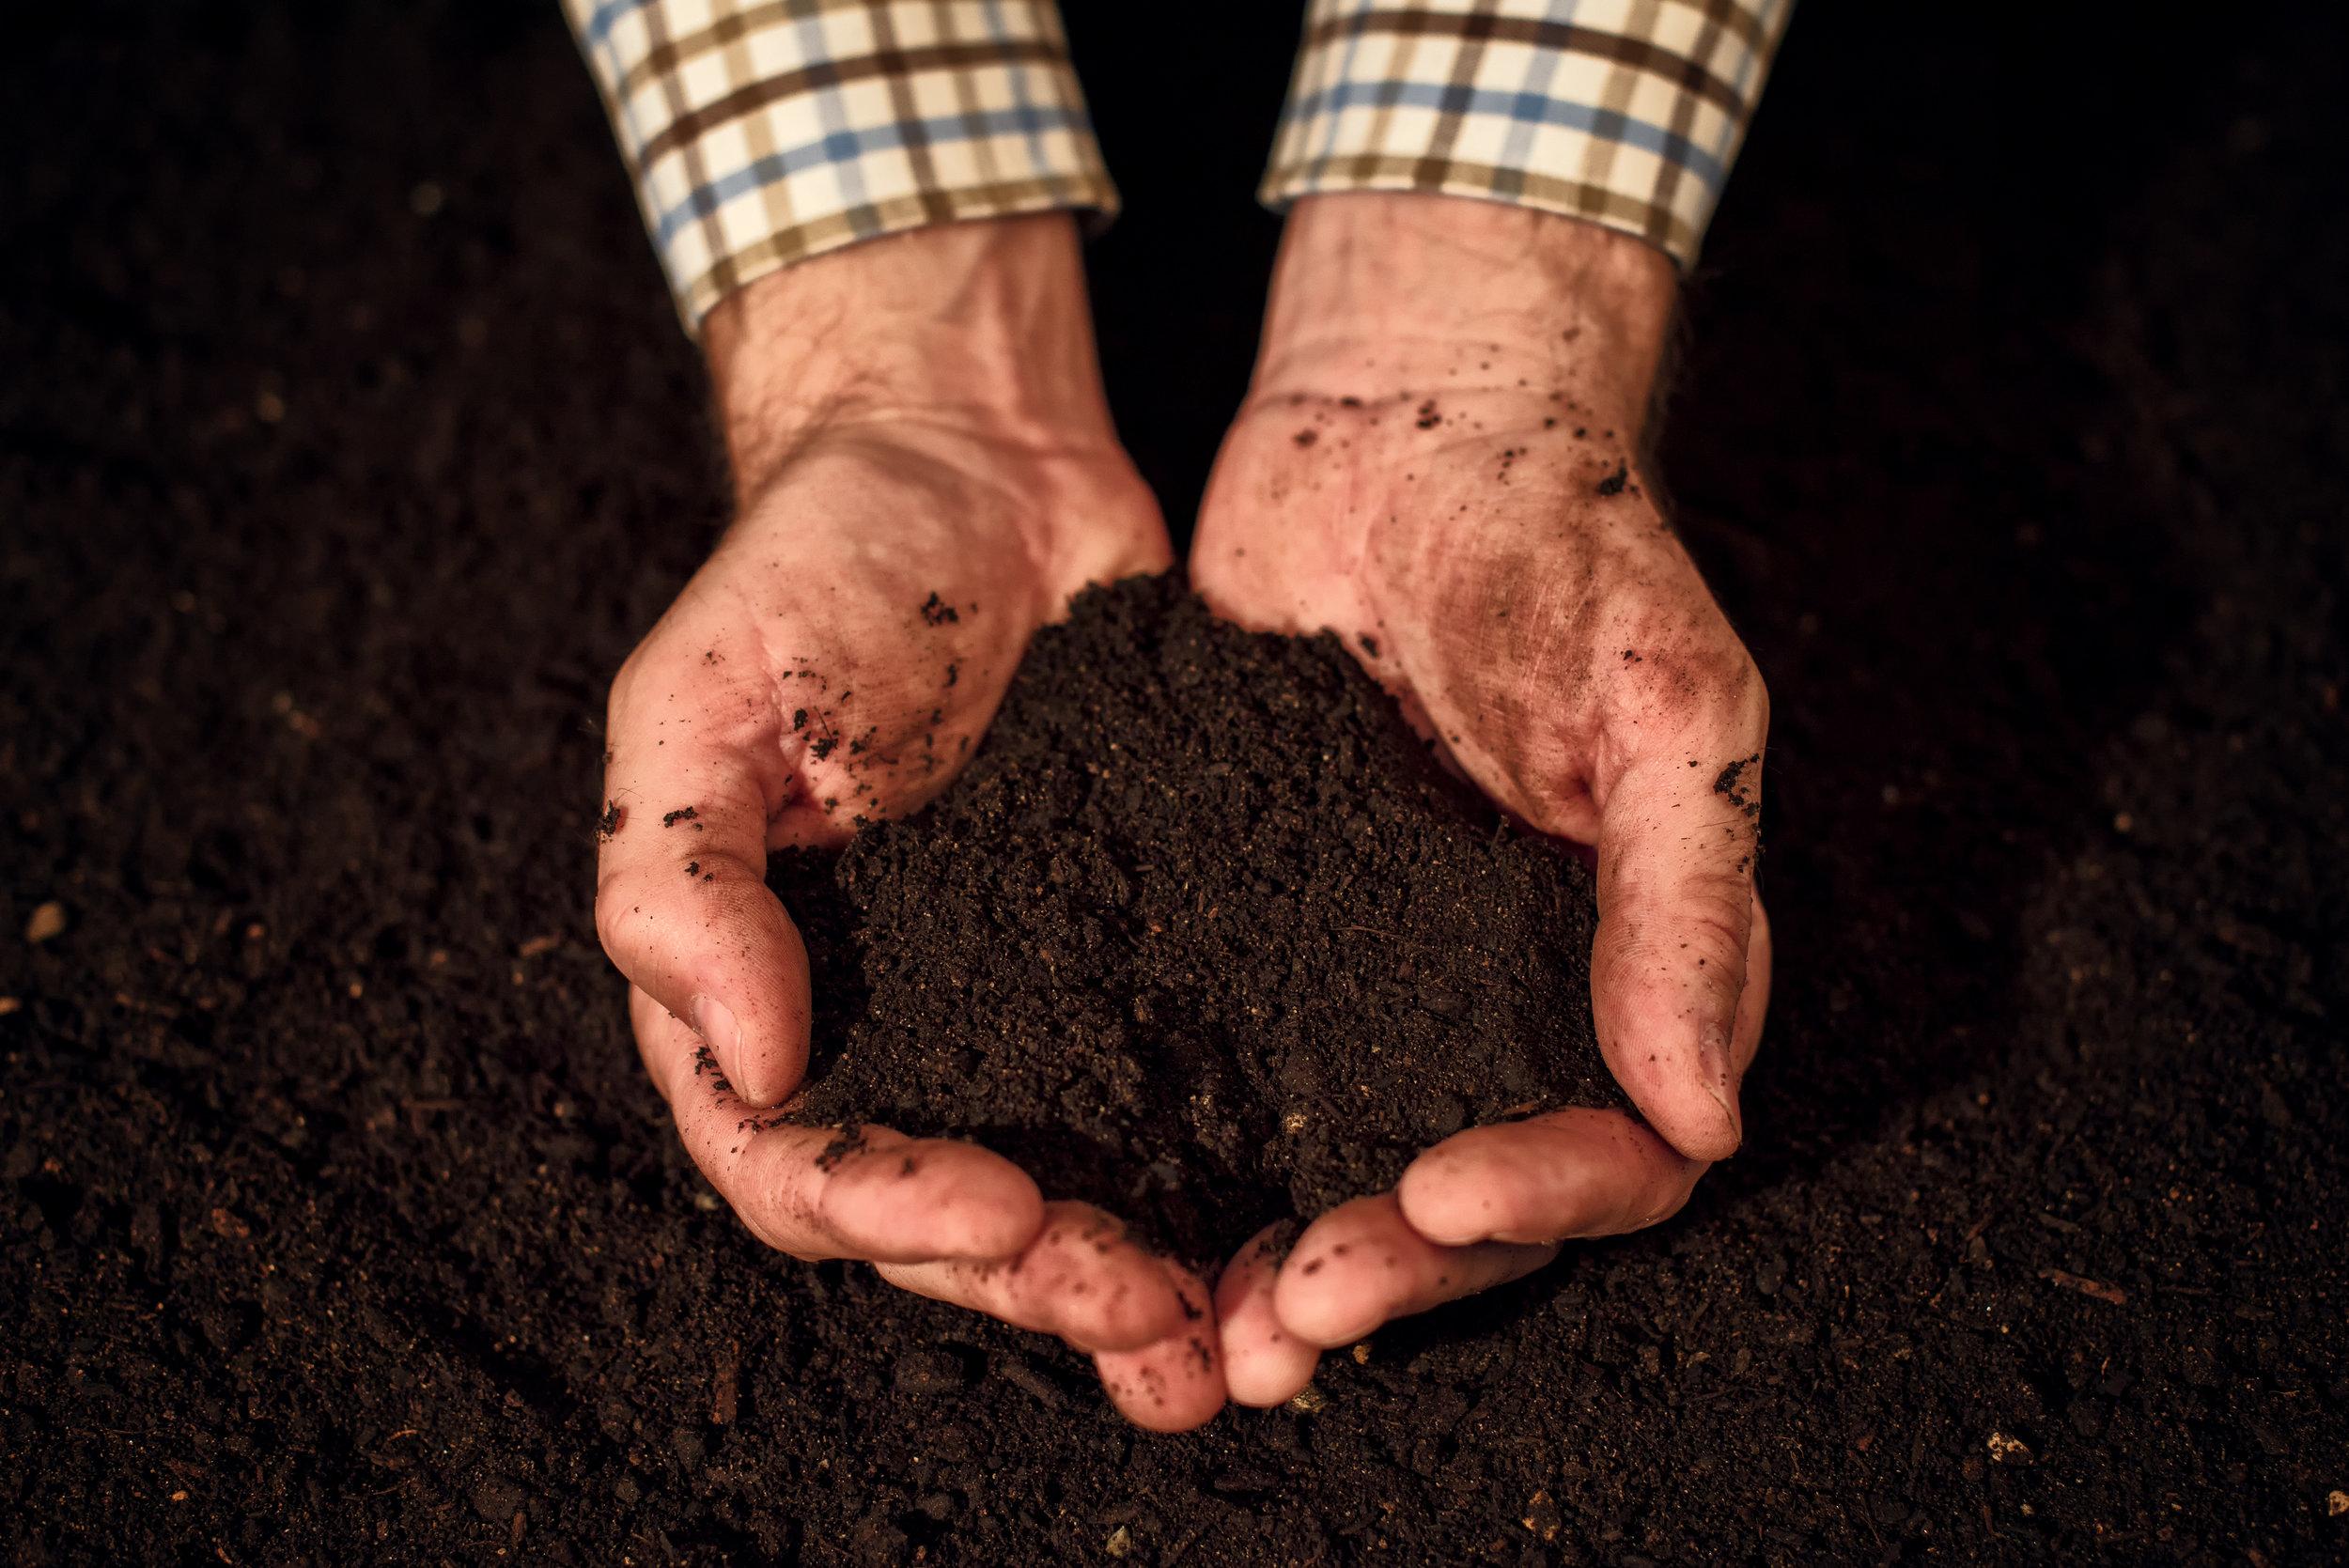 quality-soil-in-male-gardener-hands-P2E66GS.jpg